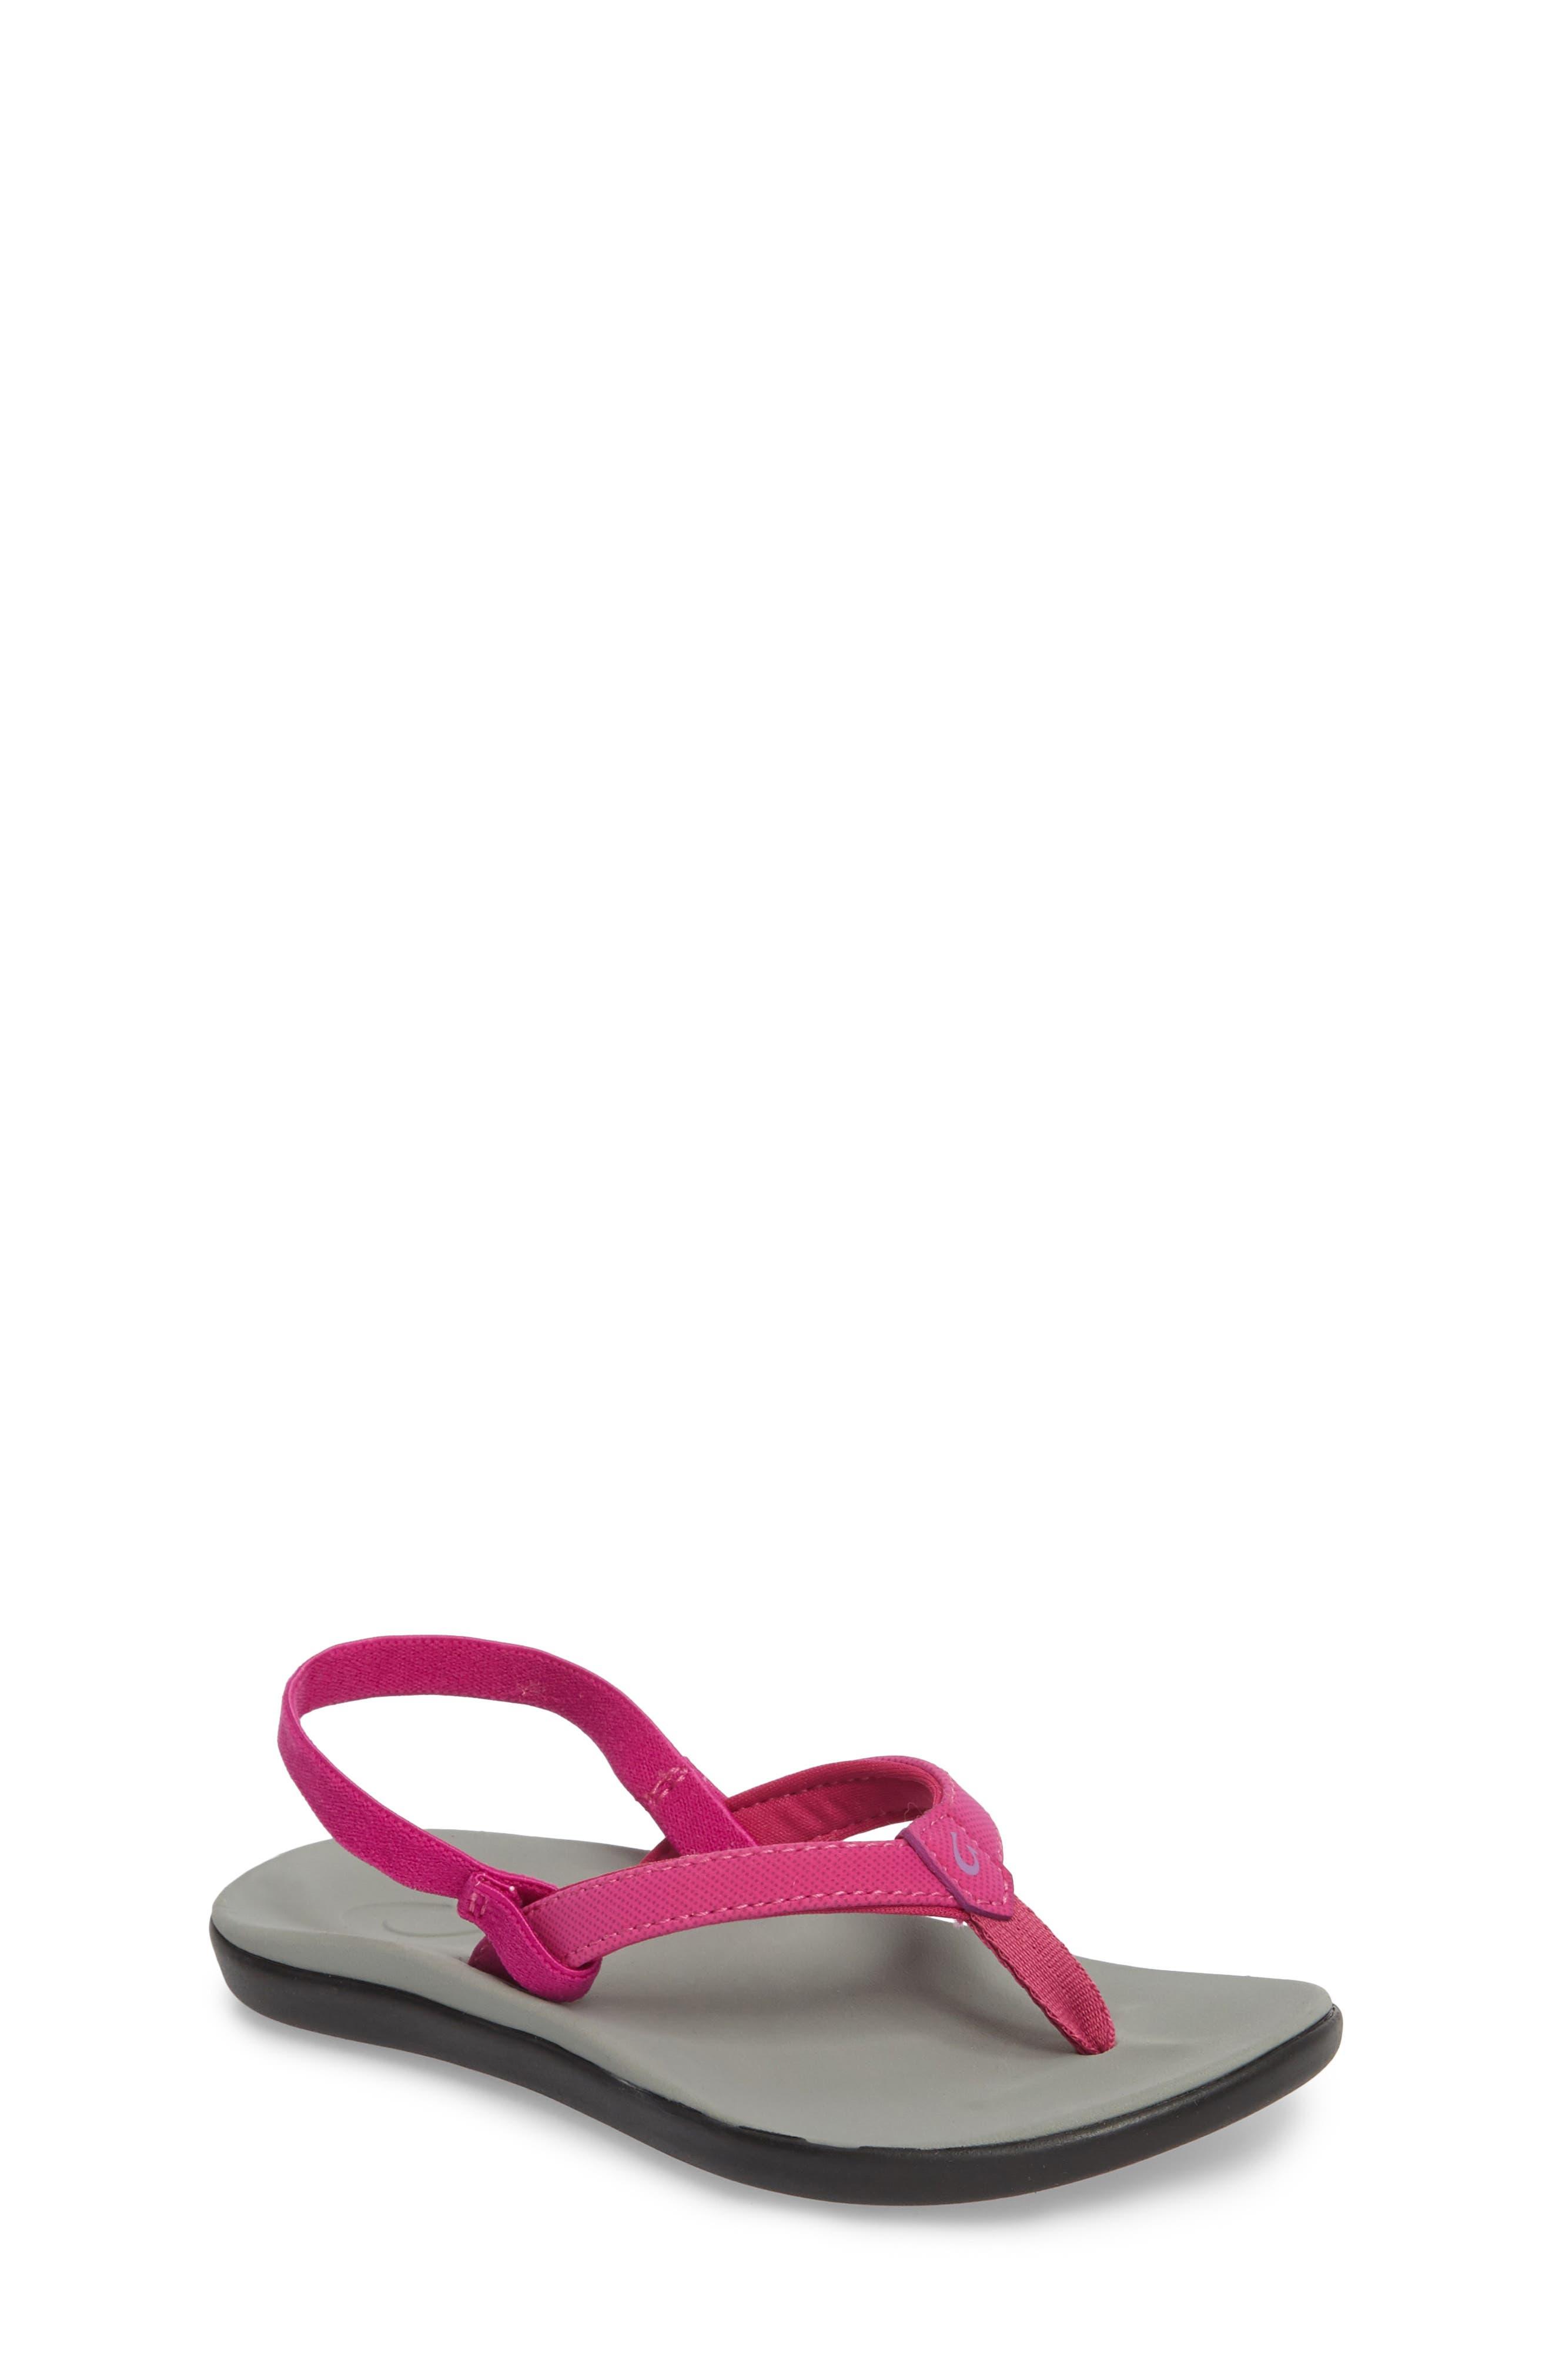 Ho'opio Sandal,                             Main thumbnail 1, color,                             Grape Juice/ Pale Grey